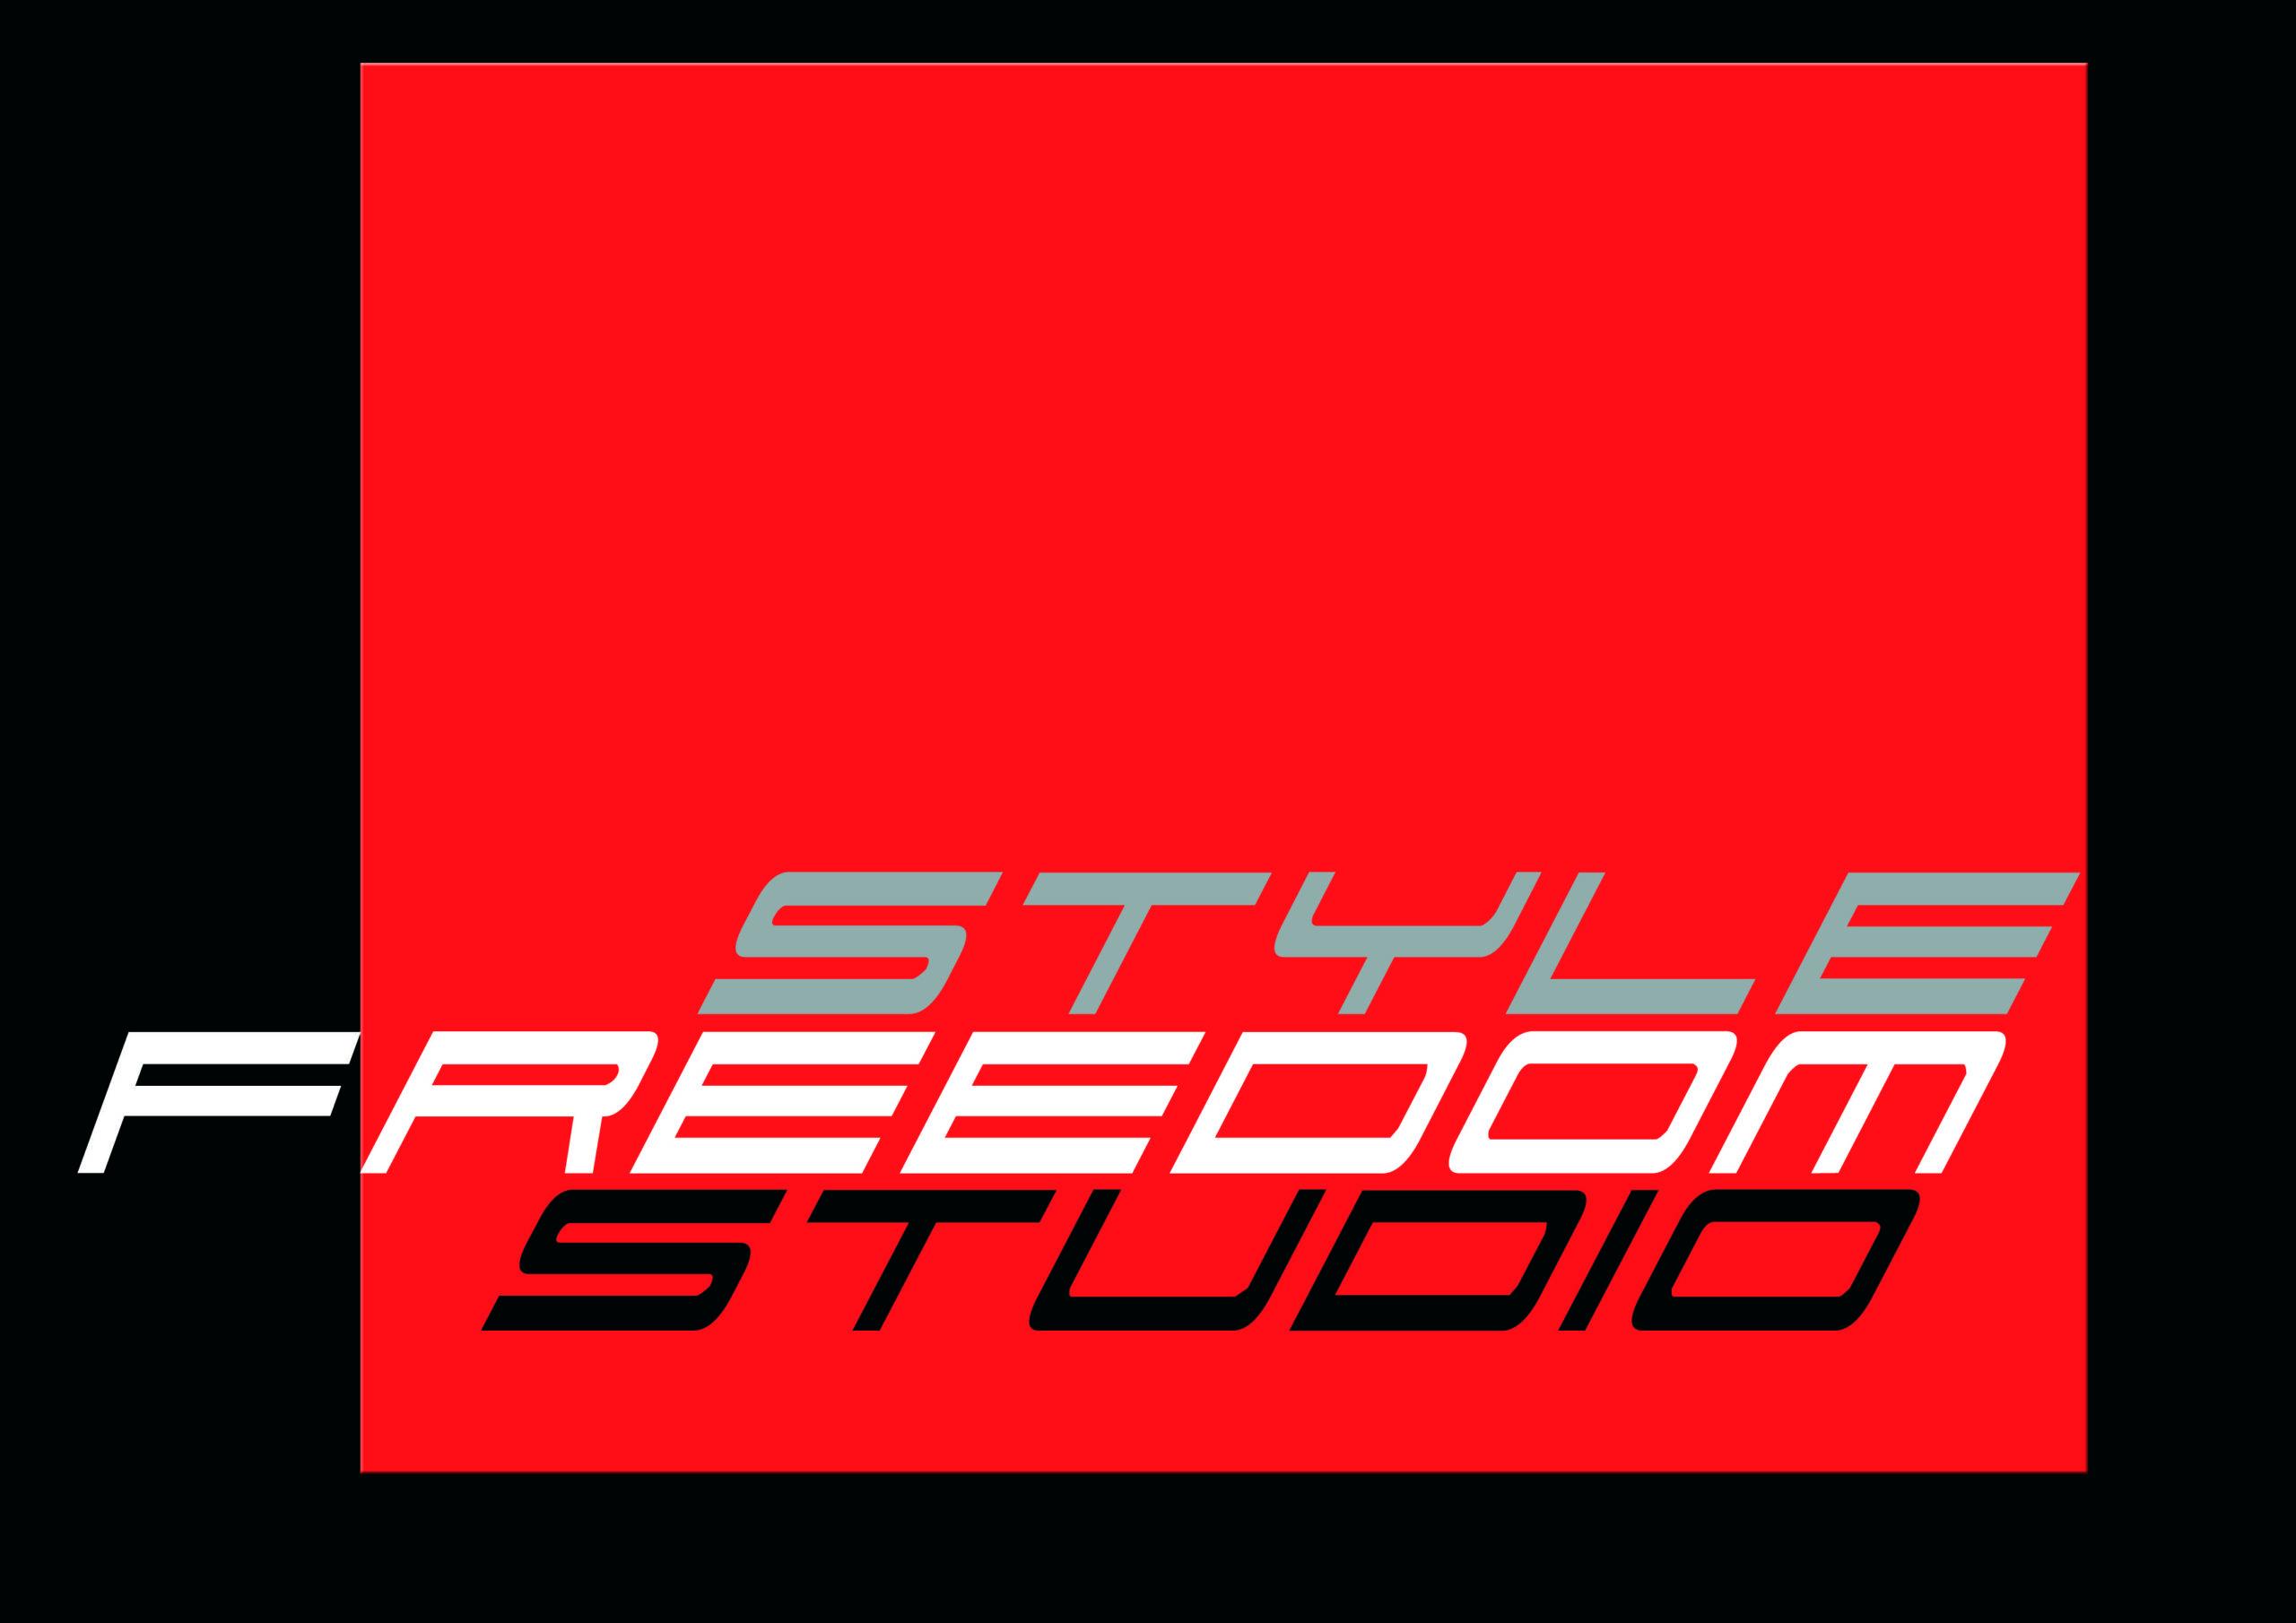 Freedom Style Studio